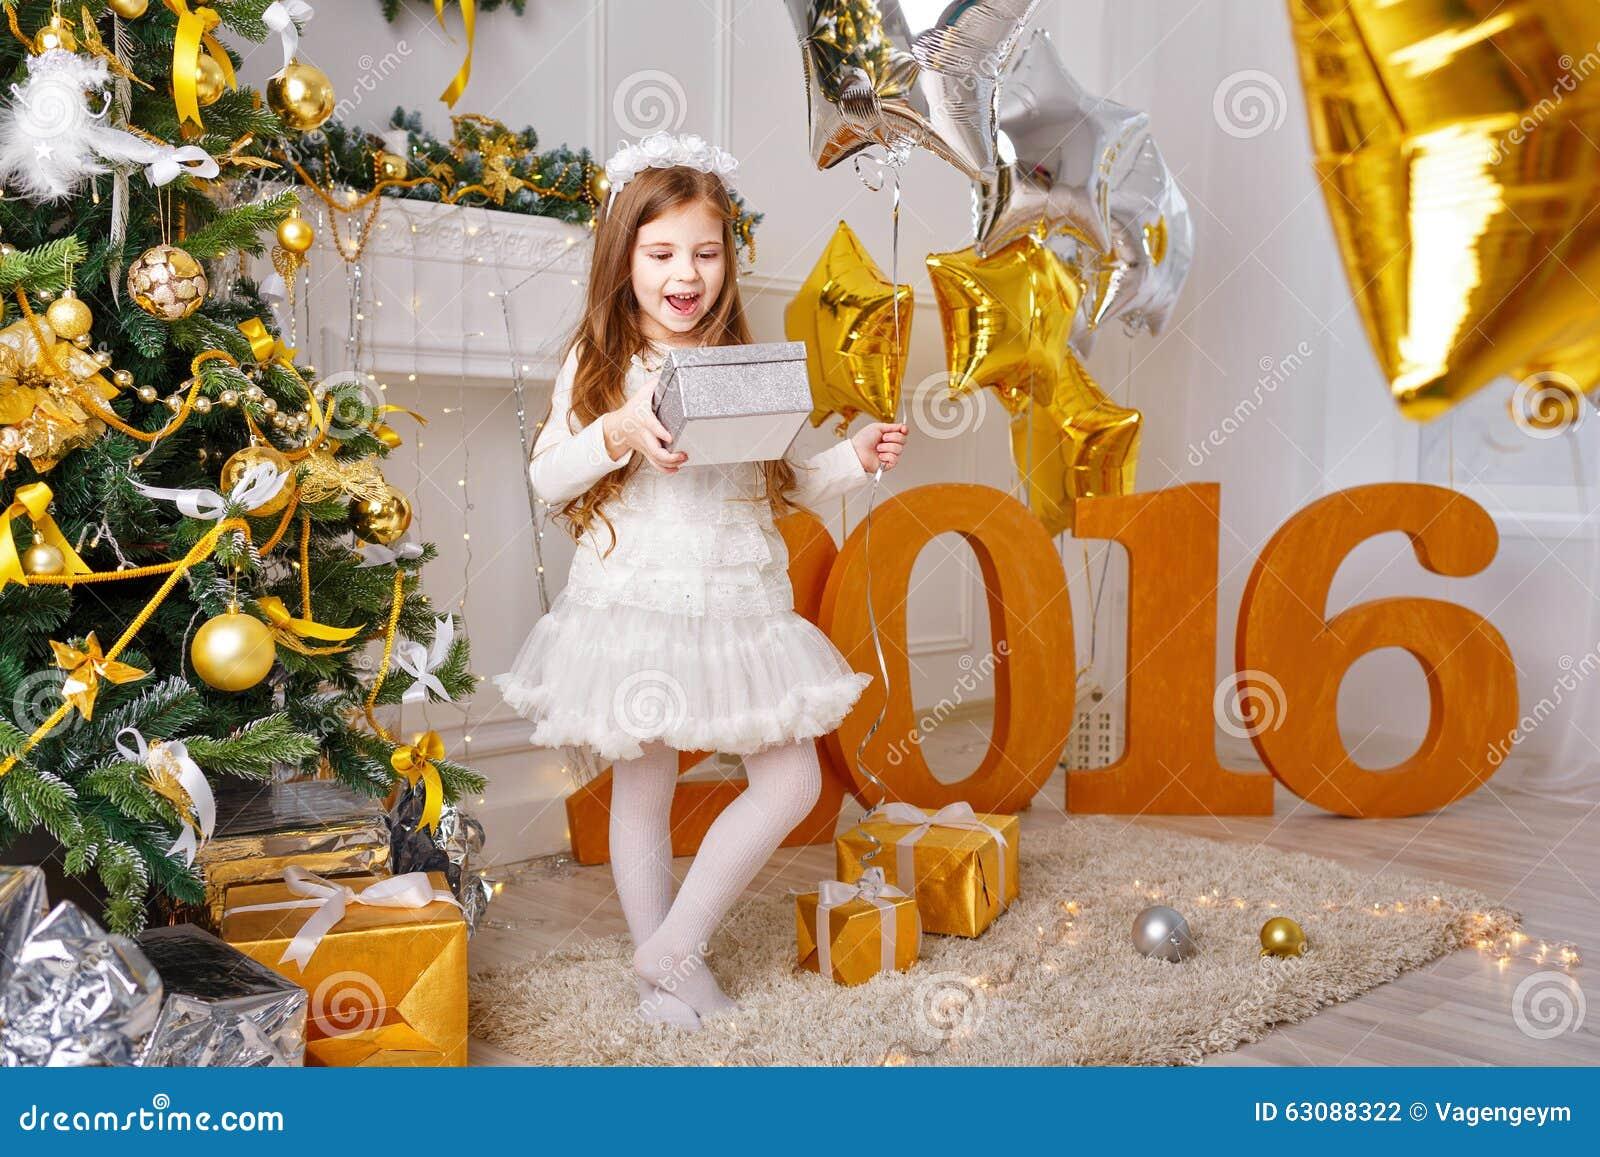 Download La Fille Est Les Cadeaux Heureux Pendant La Nouvelle Année 2016 Photo stock - Image du preschooler, neuf: 63088322